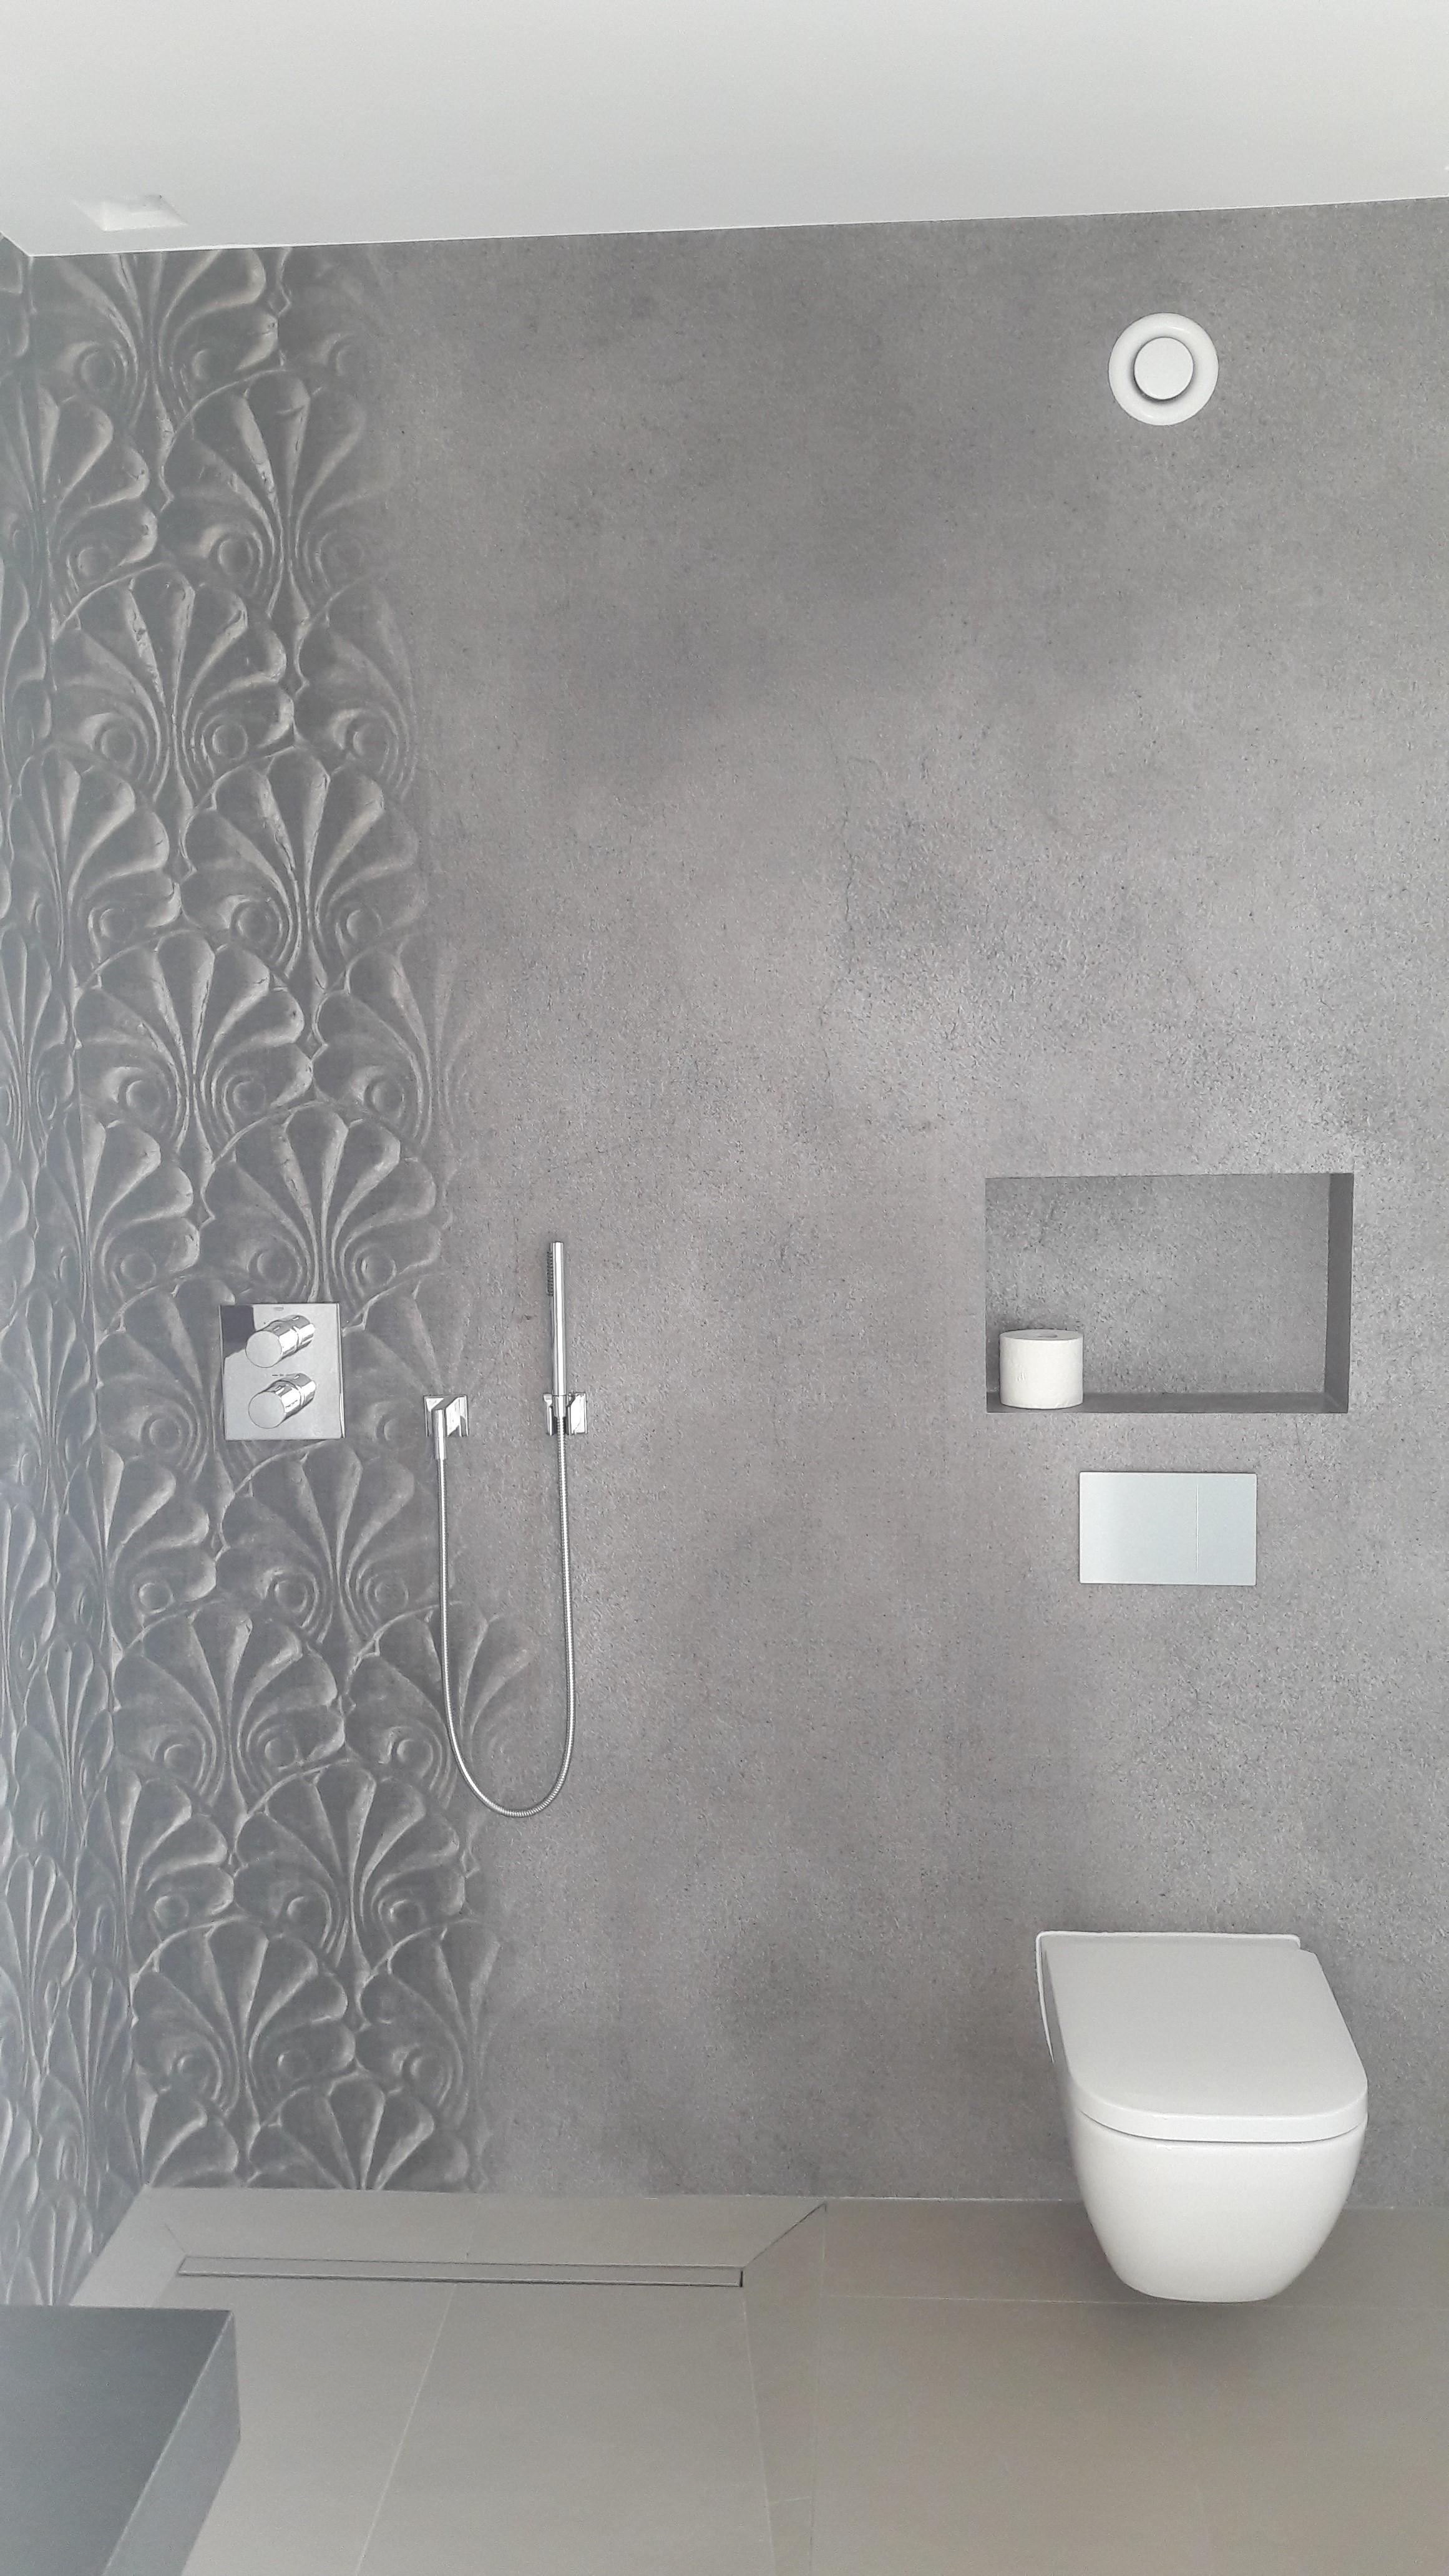 61.Wasserfeste-Tapetengestaltung-Badezimmer